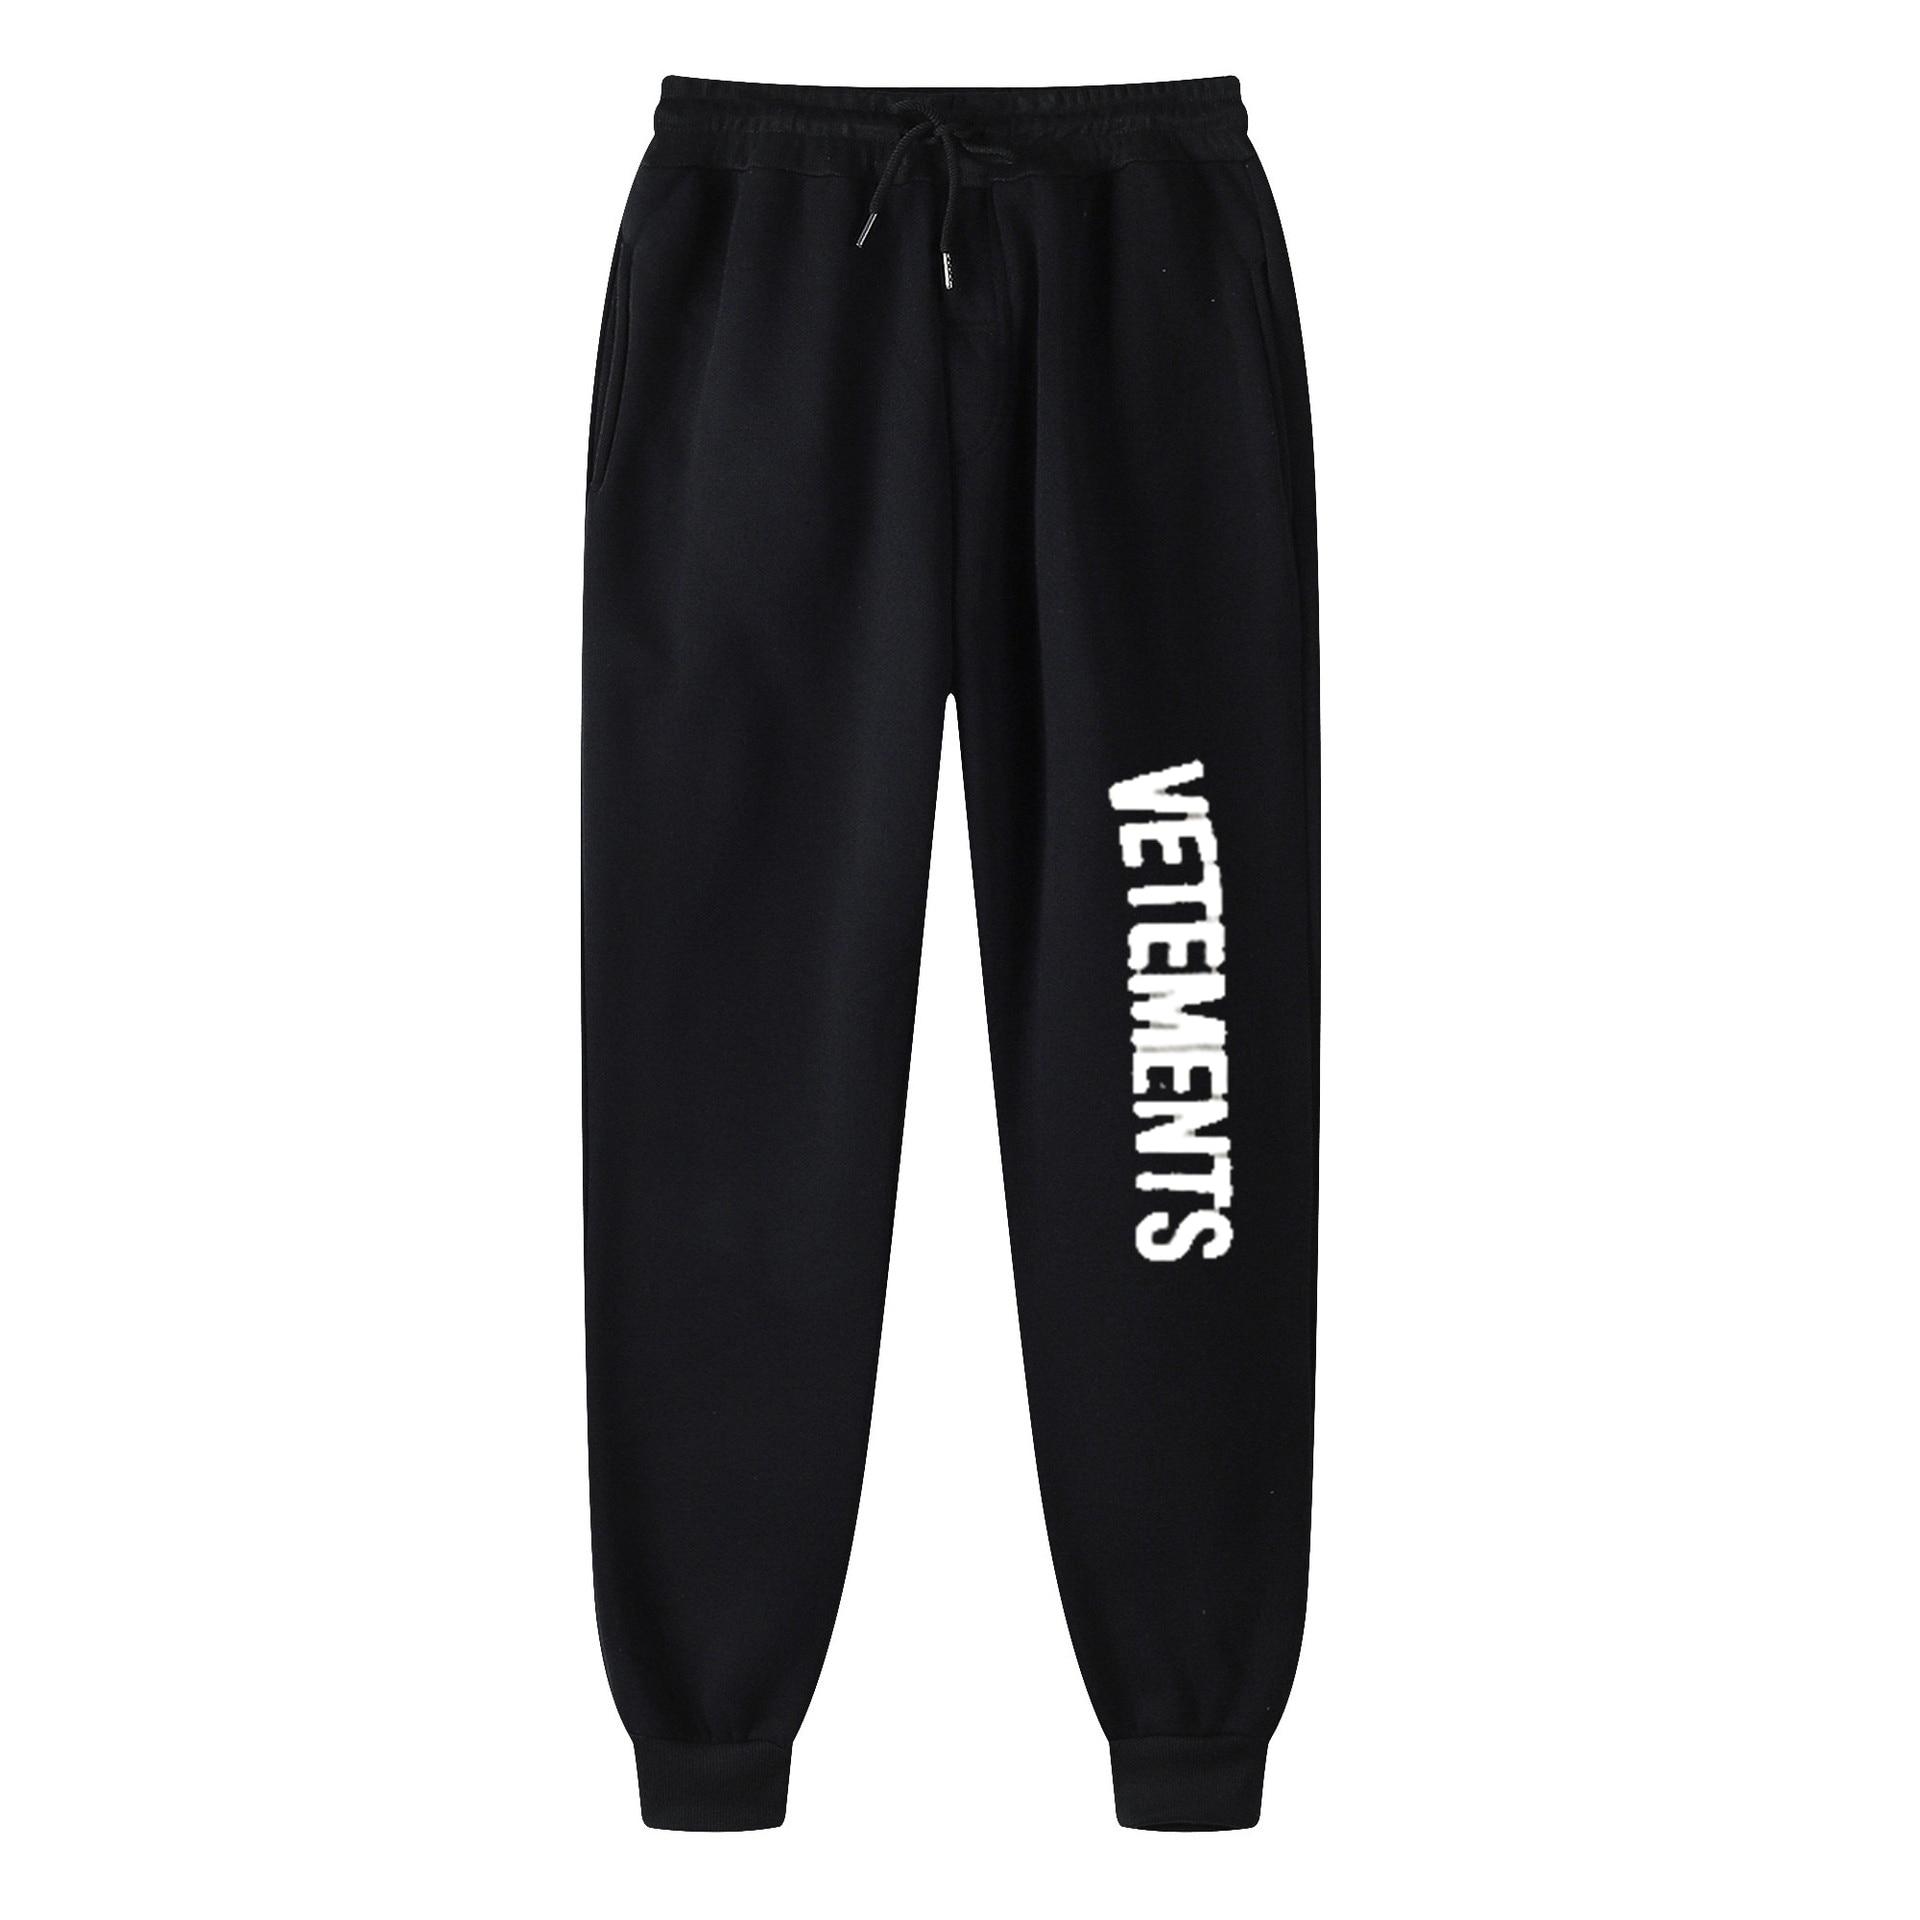 Мужские спортивные штаны для бега черные Зимние флисовые брюки уличная одежда мужские и женские модные брюки свободные спортивные штаны 2021